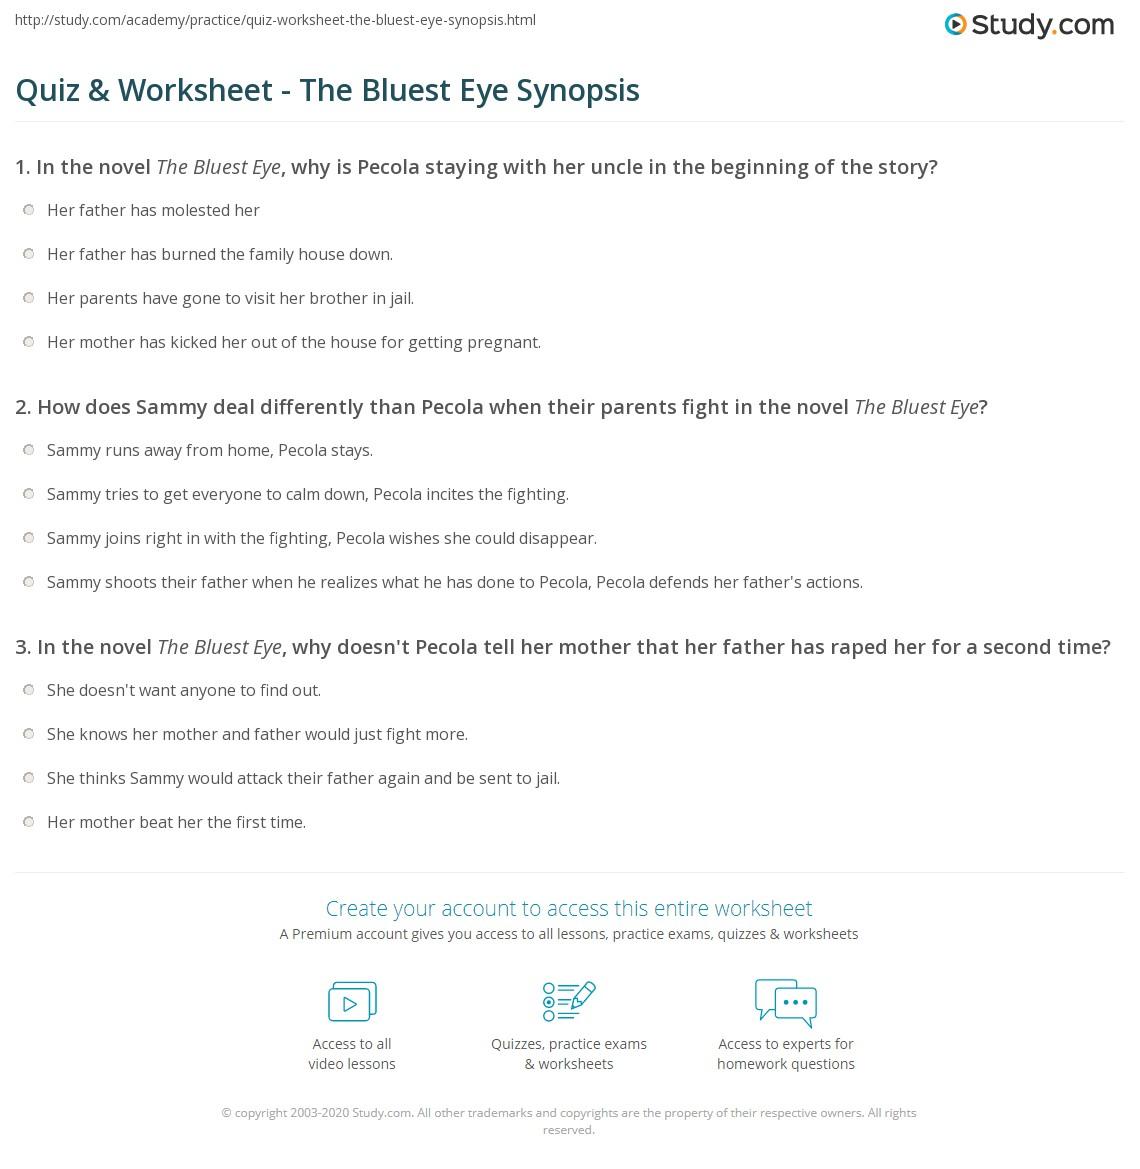 quiz worksheet the bluest eye synopsis com print the bluest eye summary setting worksheet